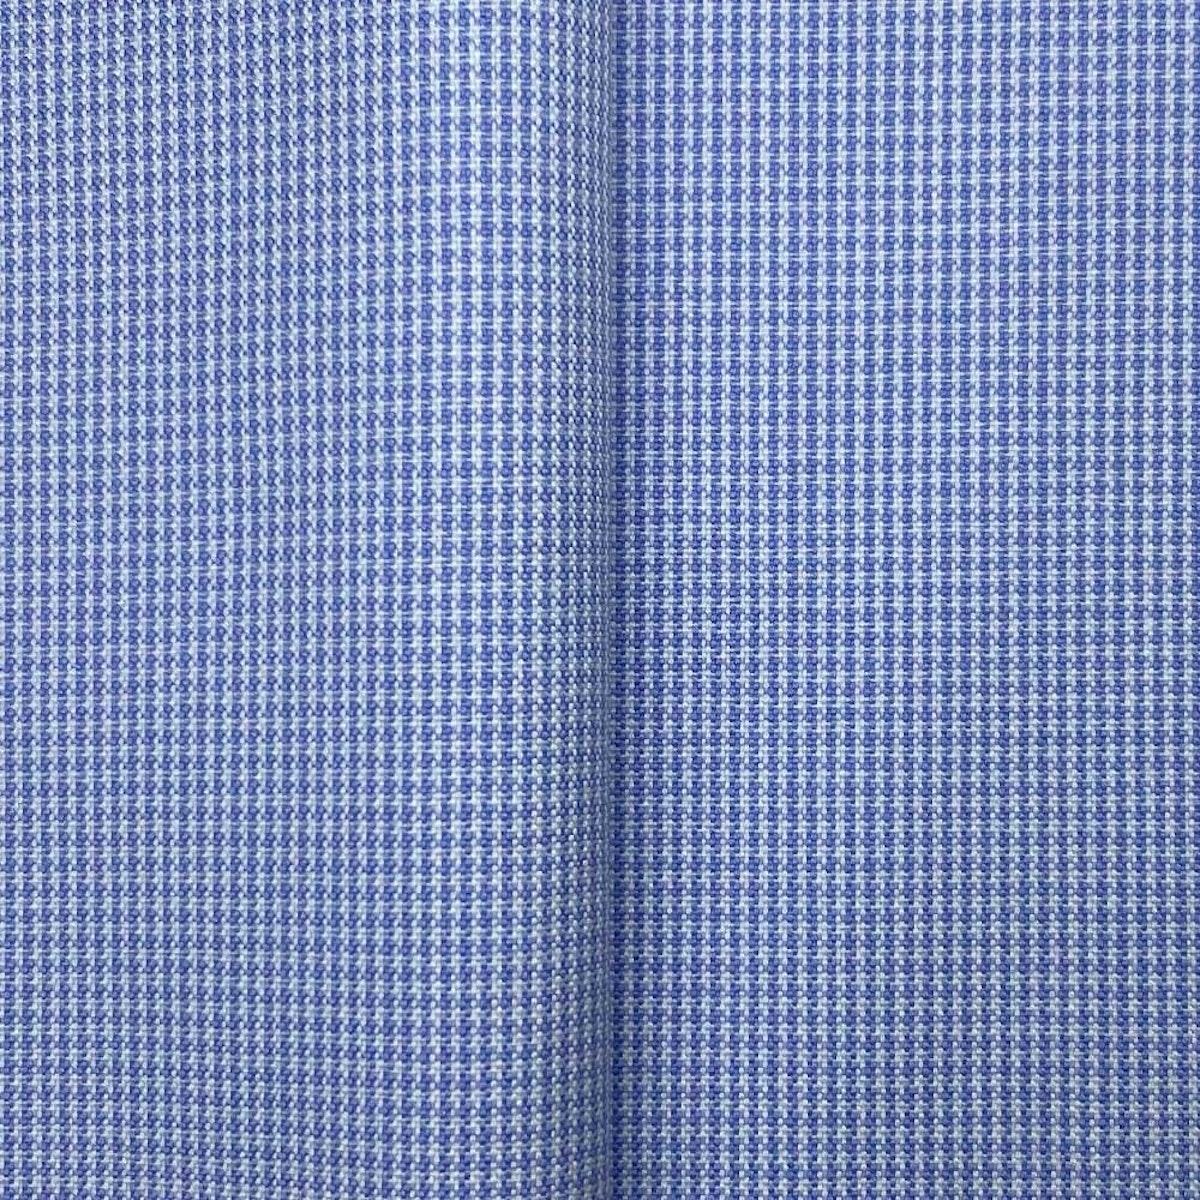 InStitchu Shirt Fabric 157